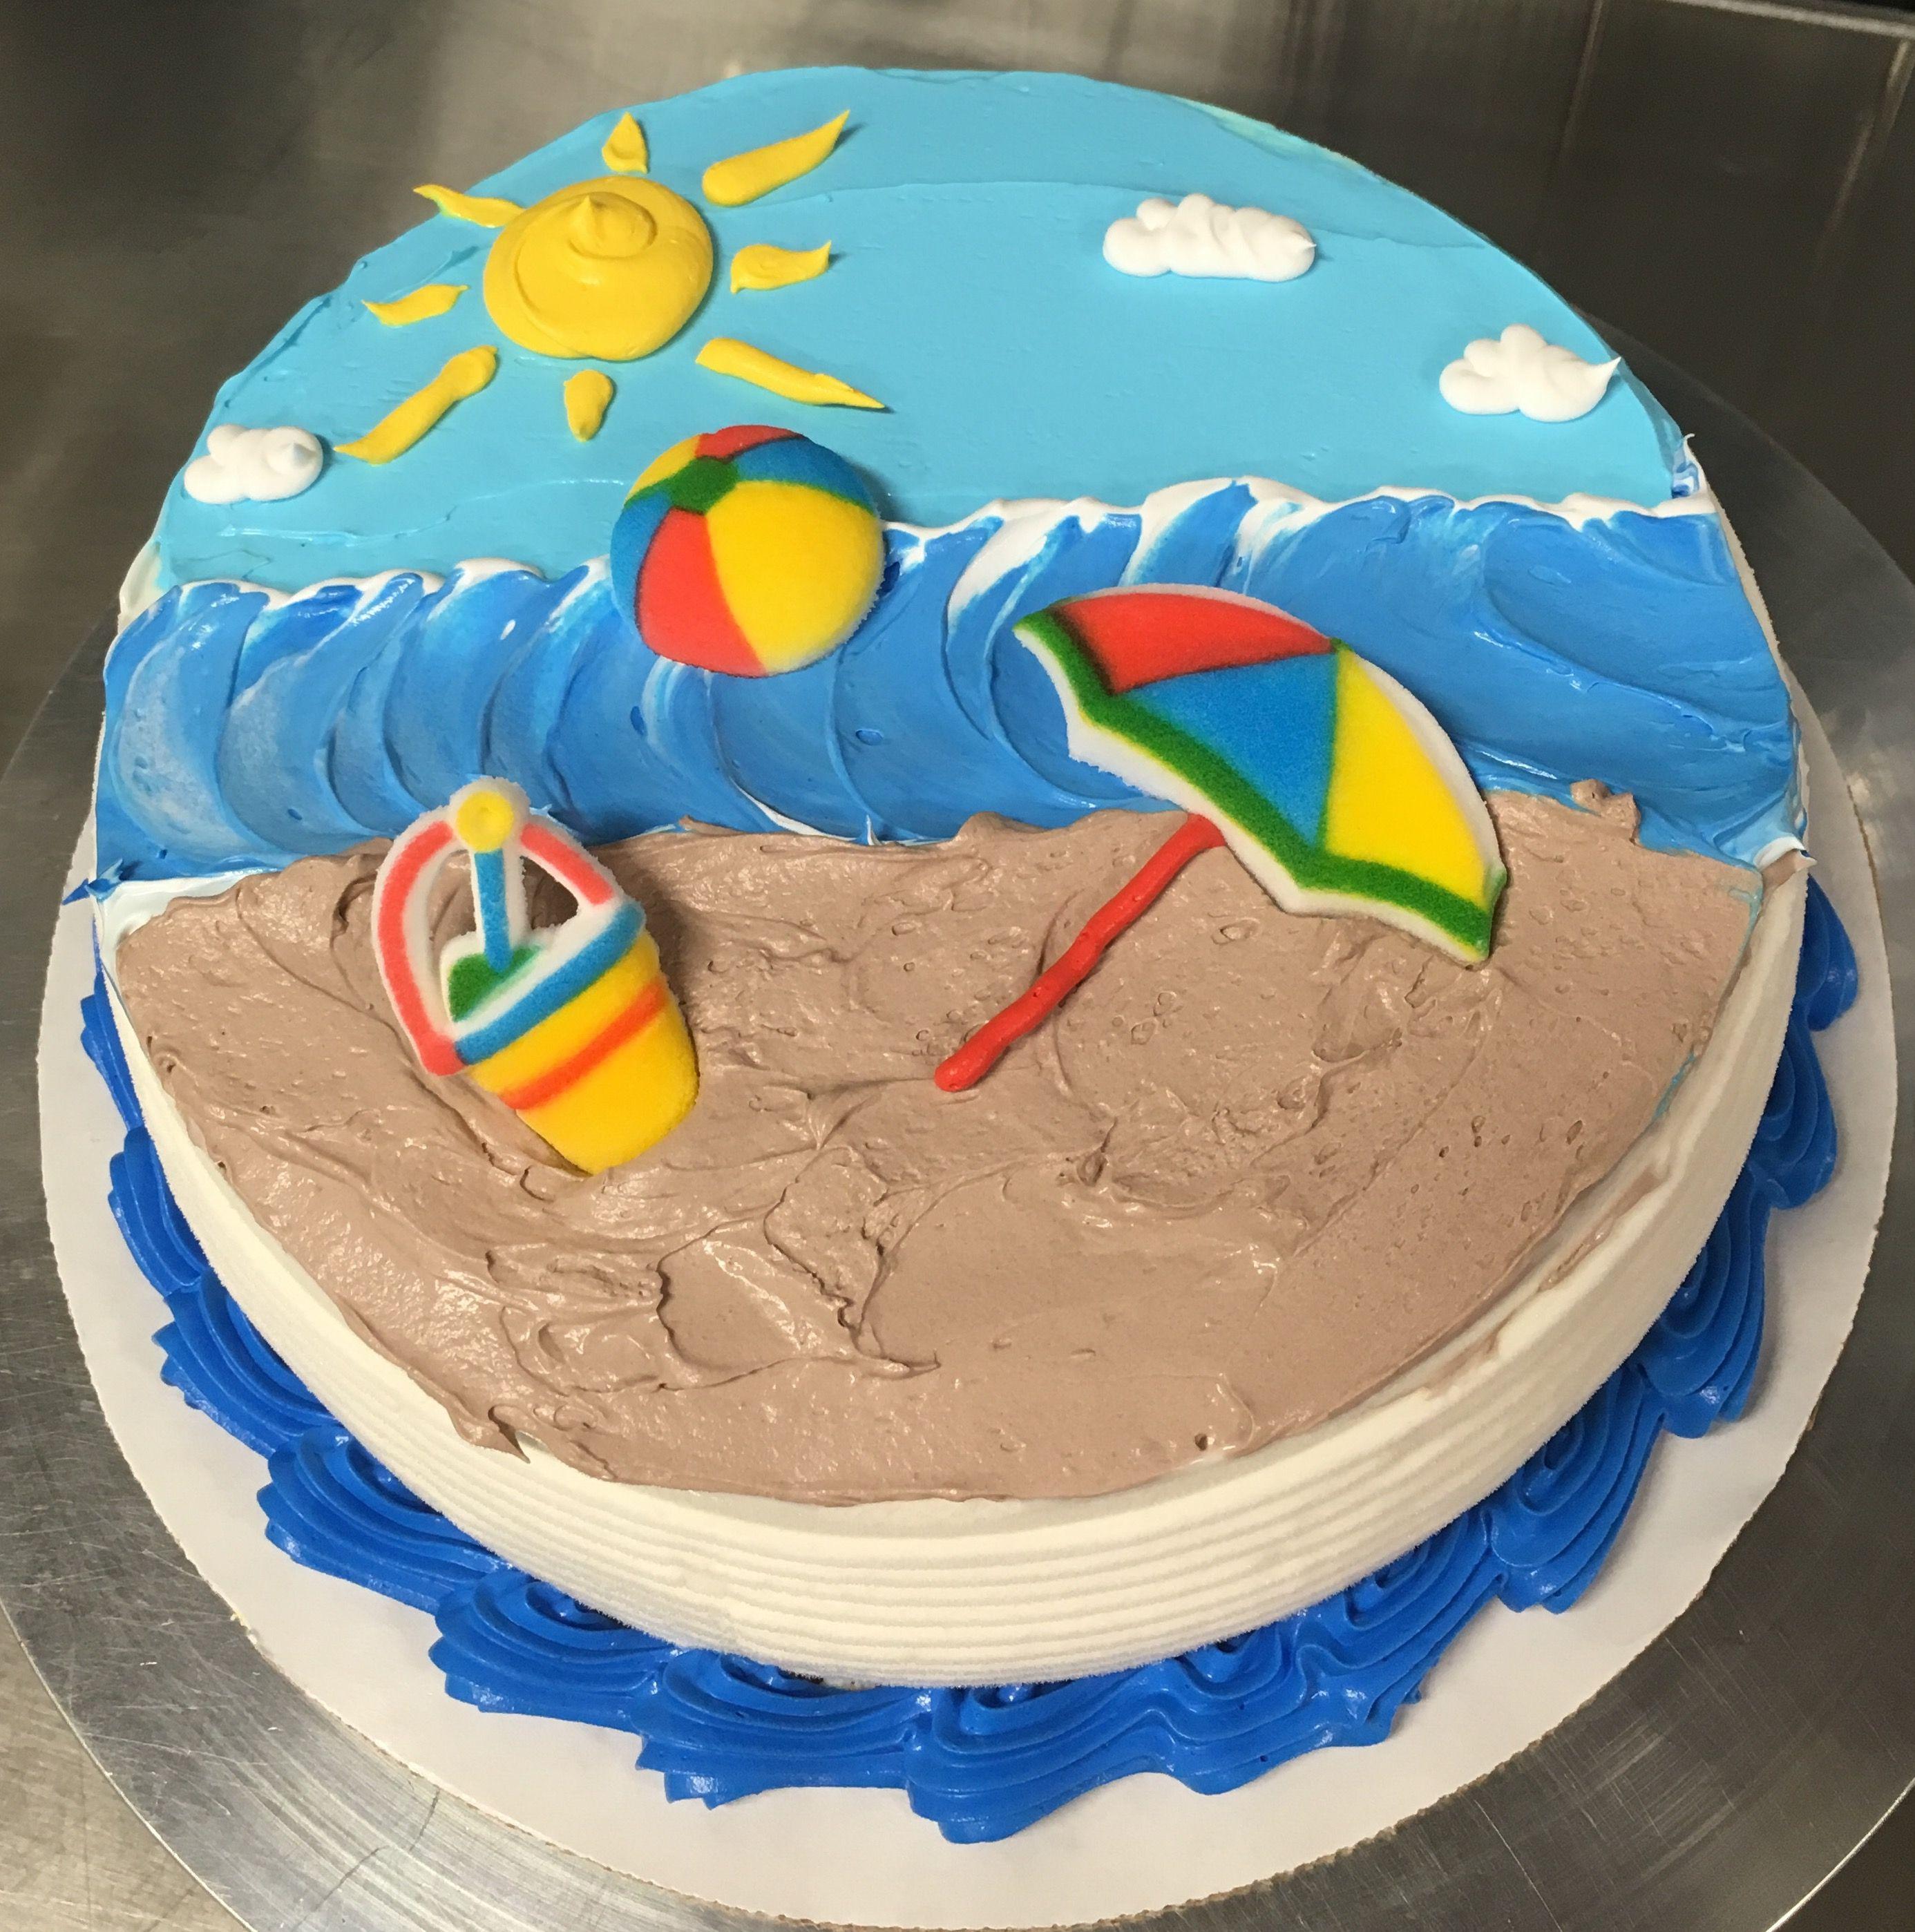 dq ice cream cake design Beach DQ ice cream cake  Sahnekuchen, Diy eistorte, Geburtstagskuchen